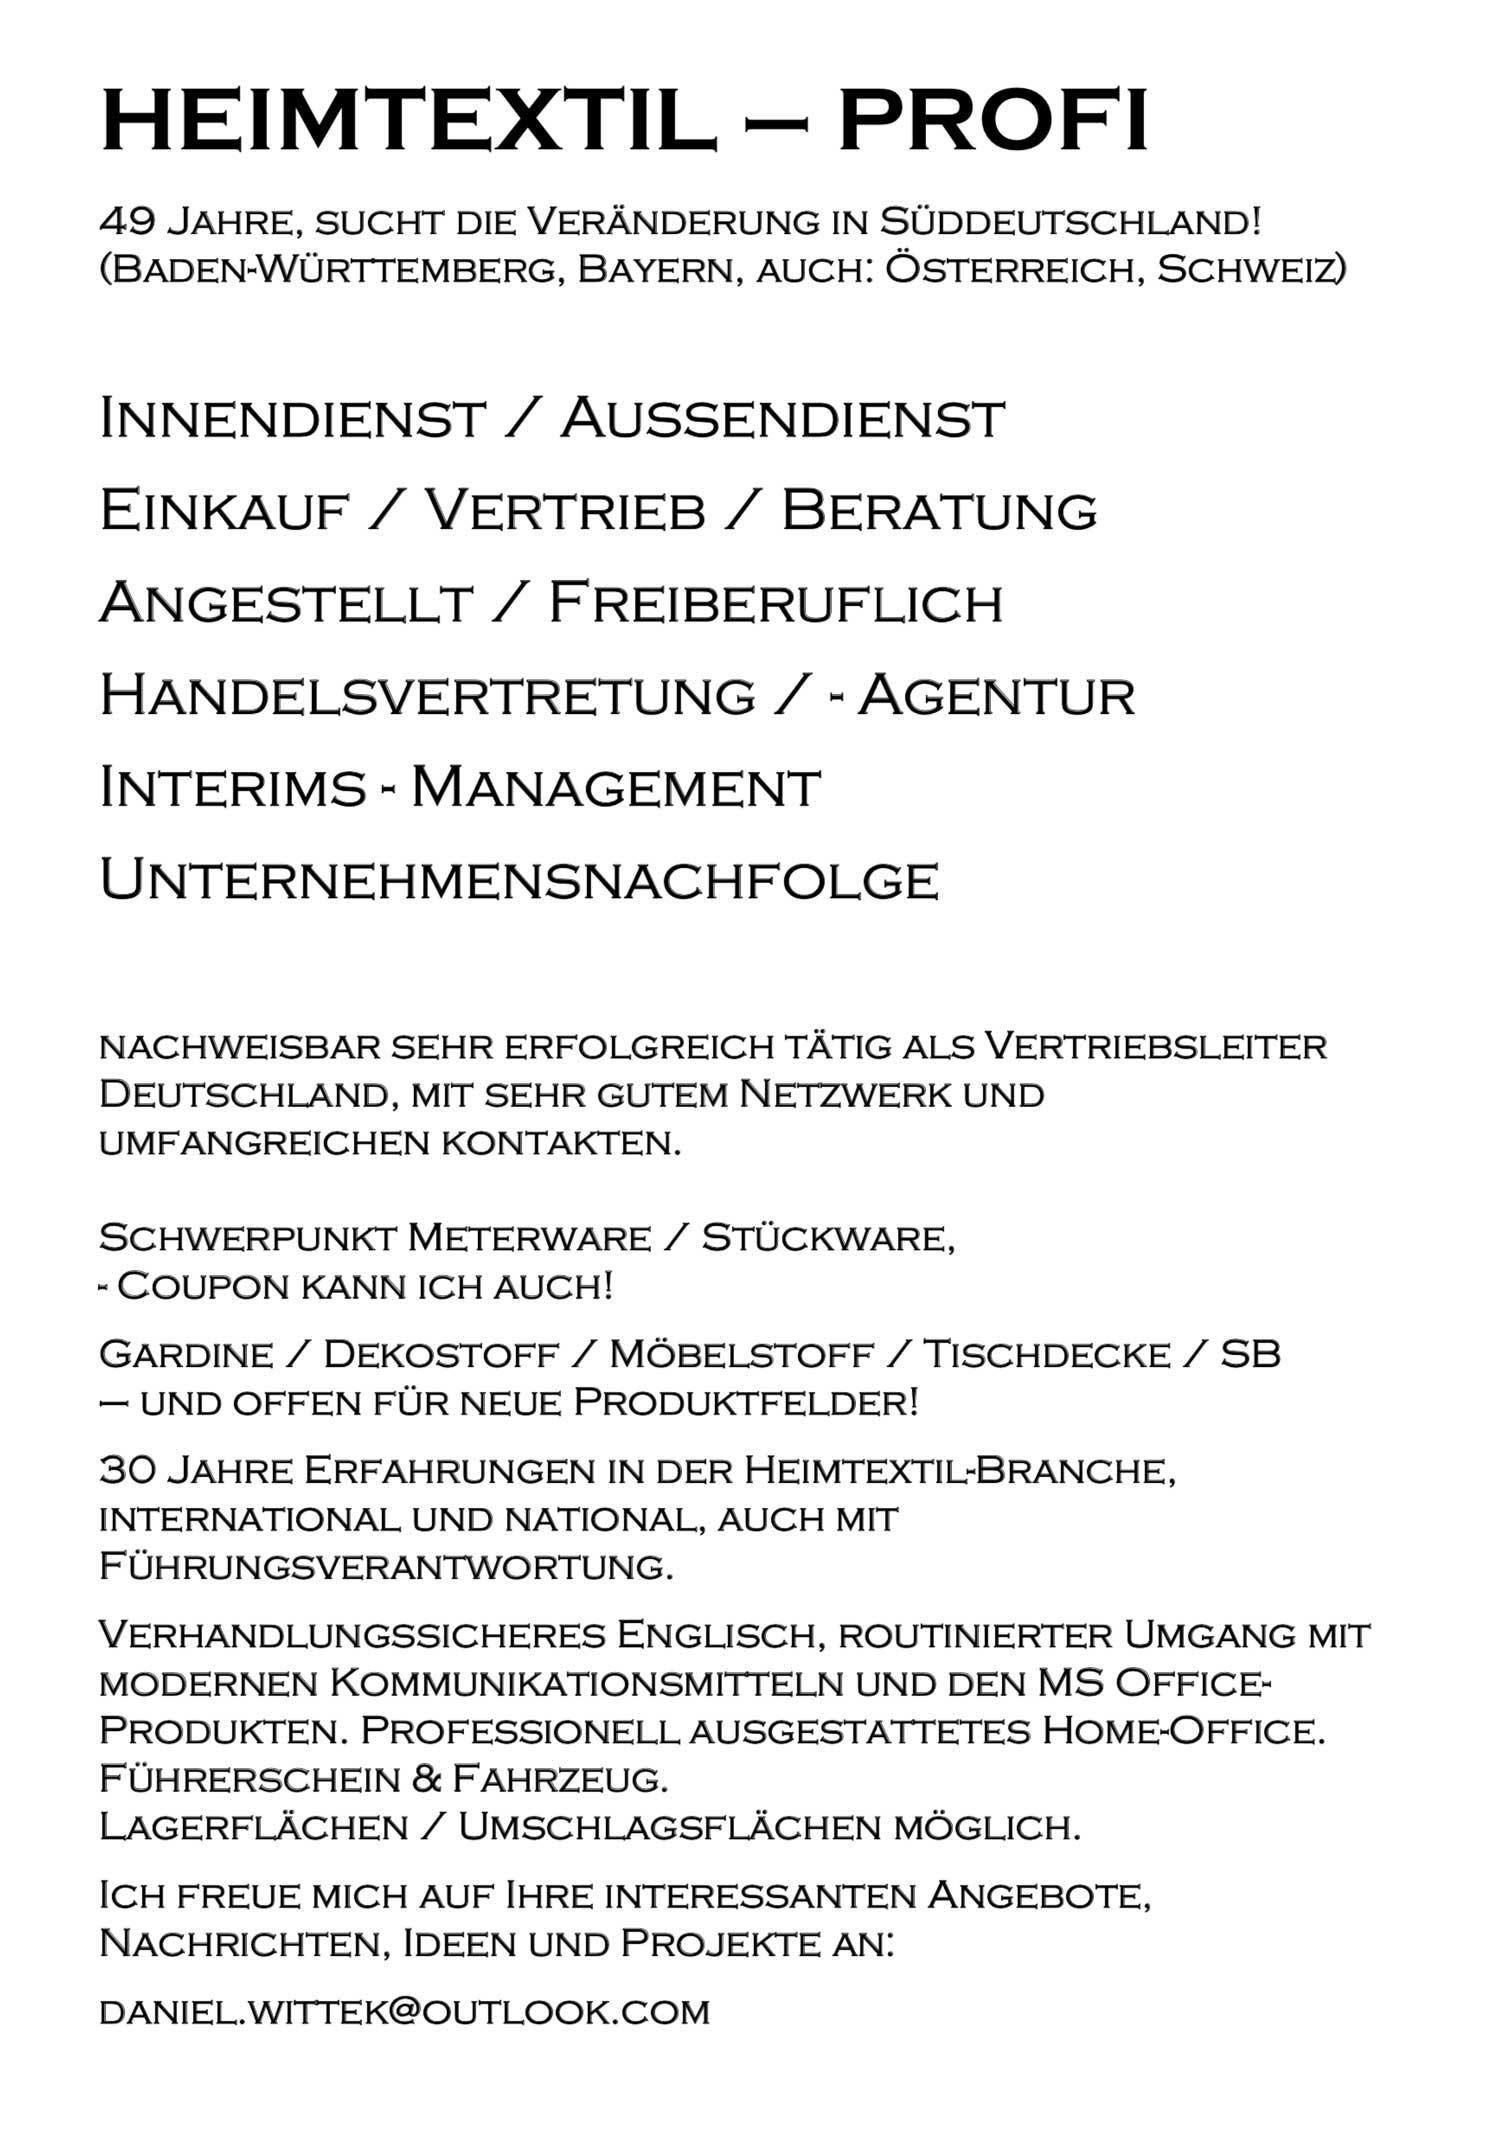 Heimtextil-Profi mit nationaler und internationaler Erfahrung